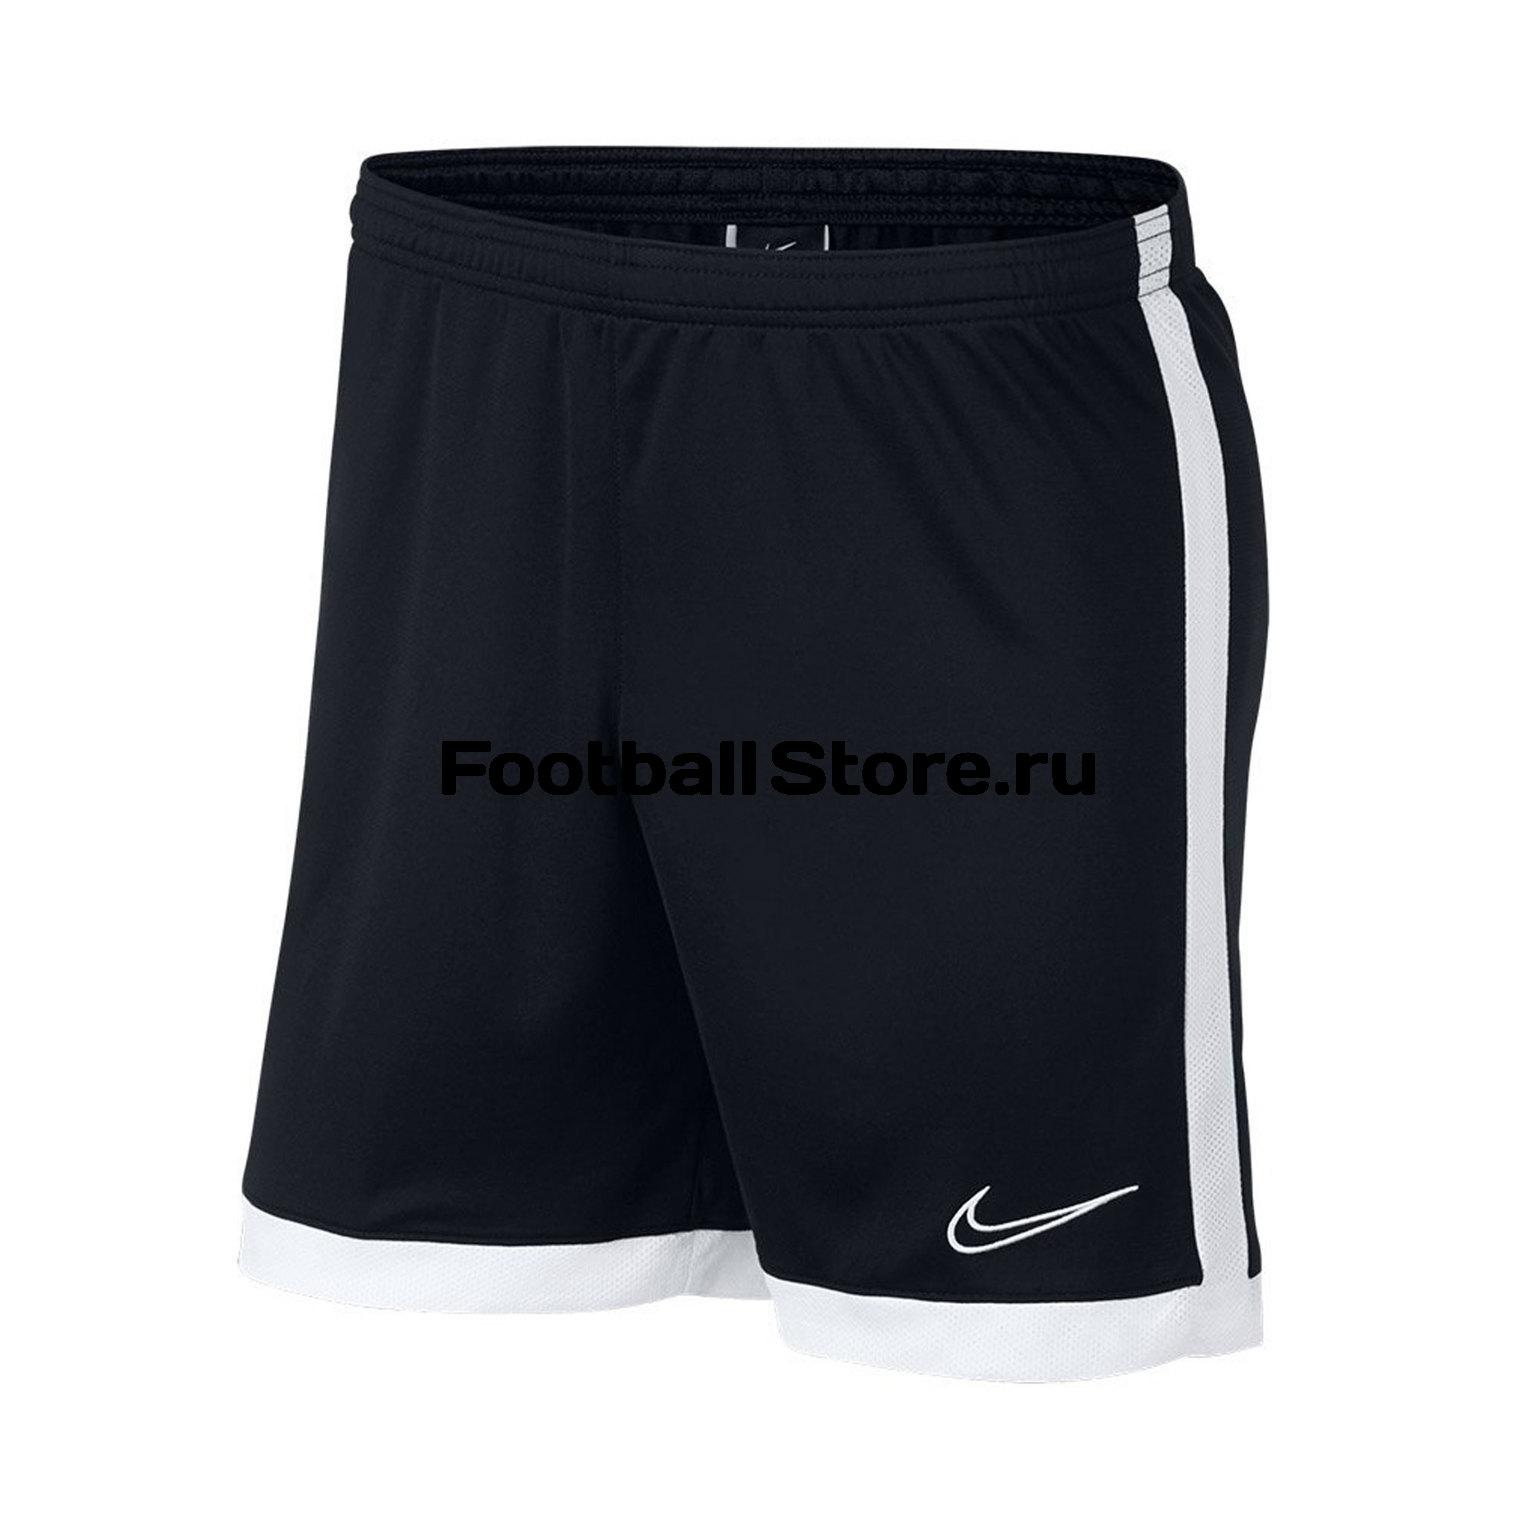 Шорты тренировочные Nike Dry Academy Short AJ9994-010